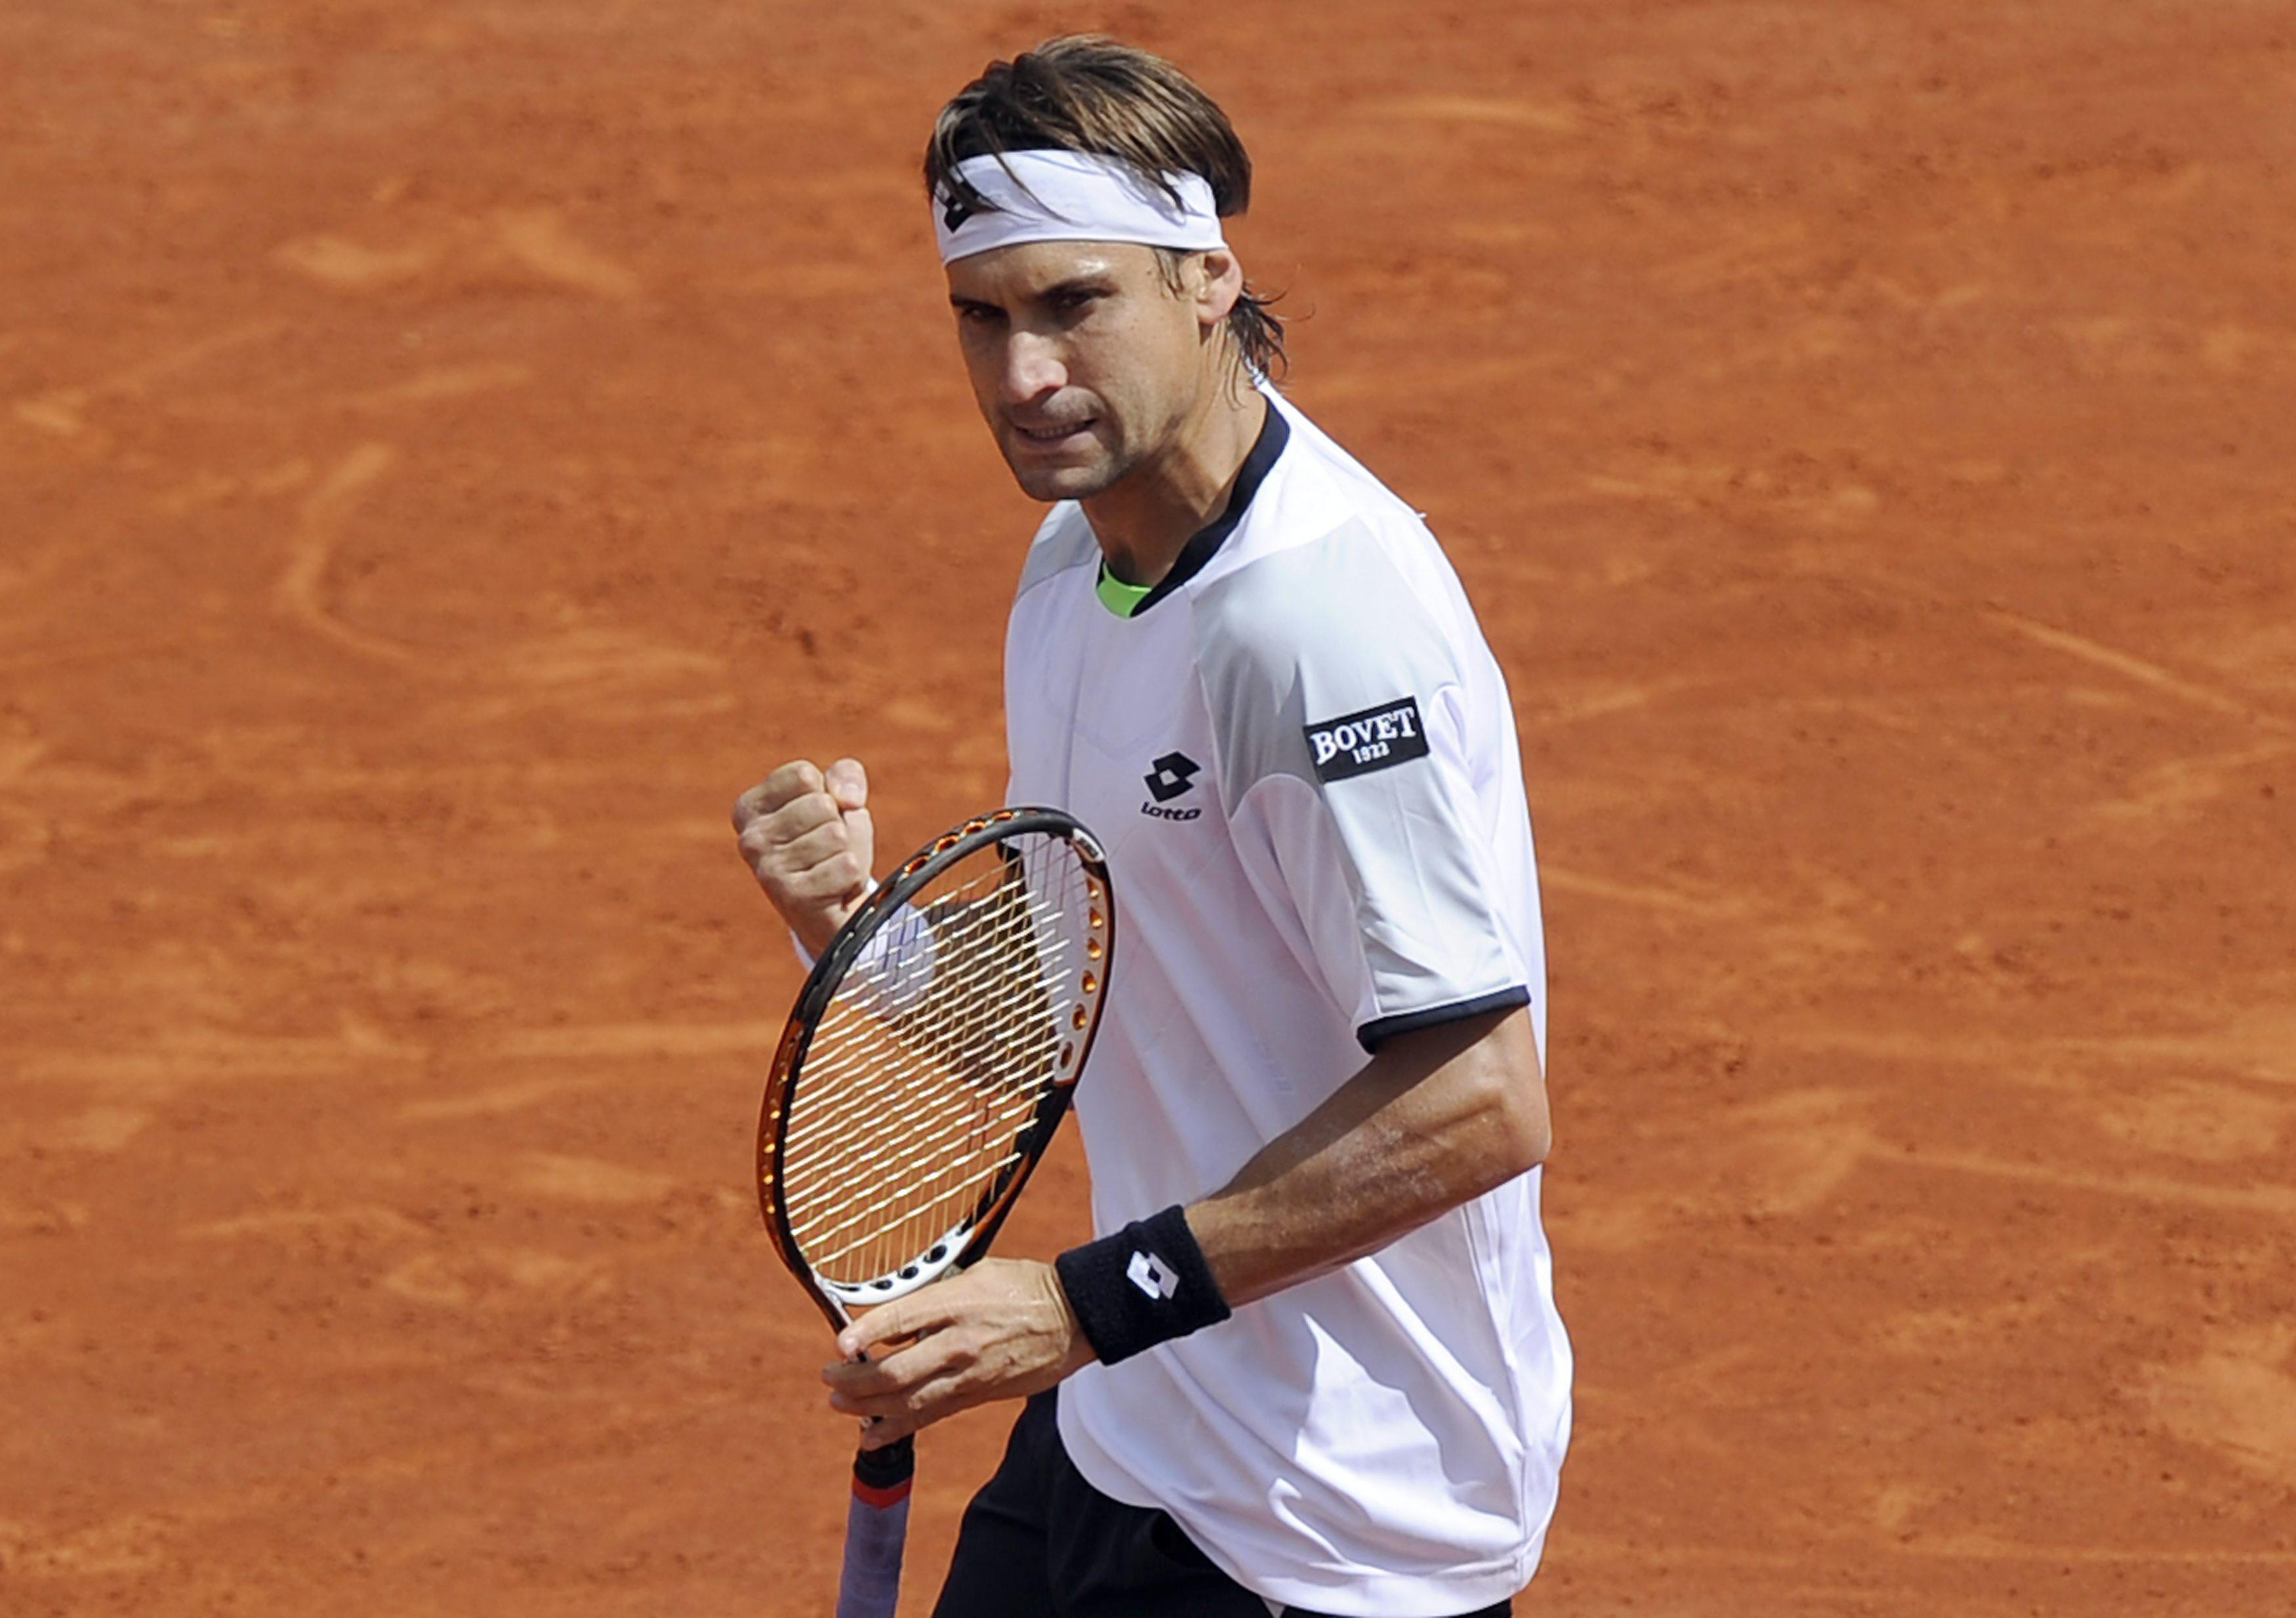 Ferrer apabulla a Anderson y clasifica a cuartos de final en Roland Garros